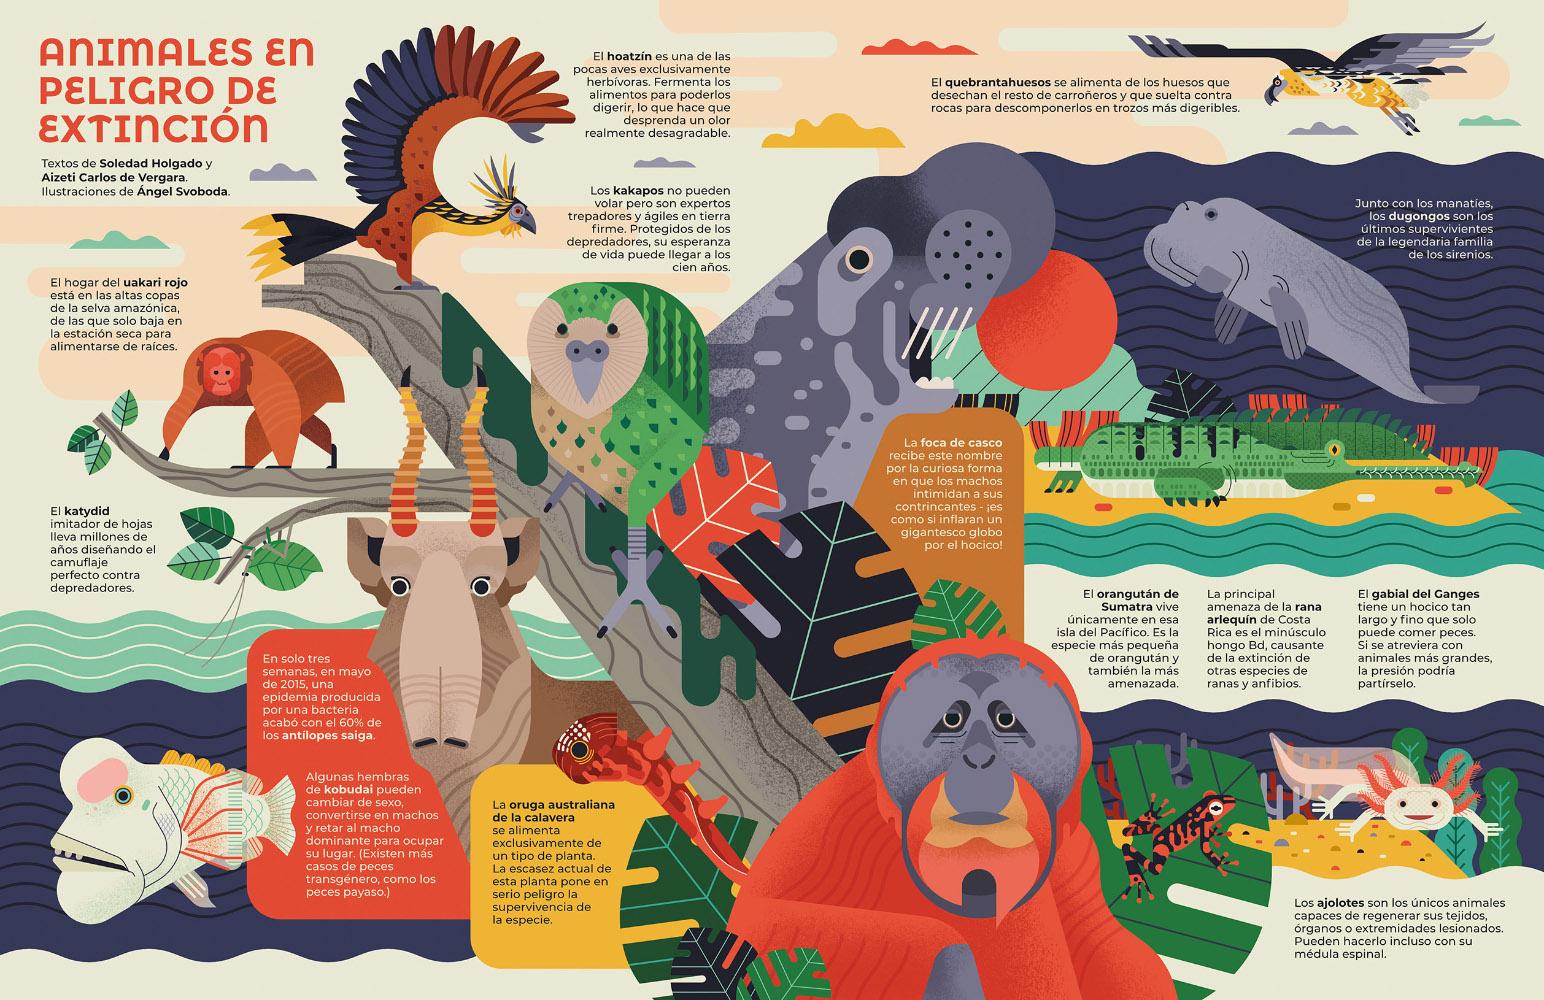 Ángel Svboda Animales en peligro de extinción